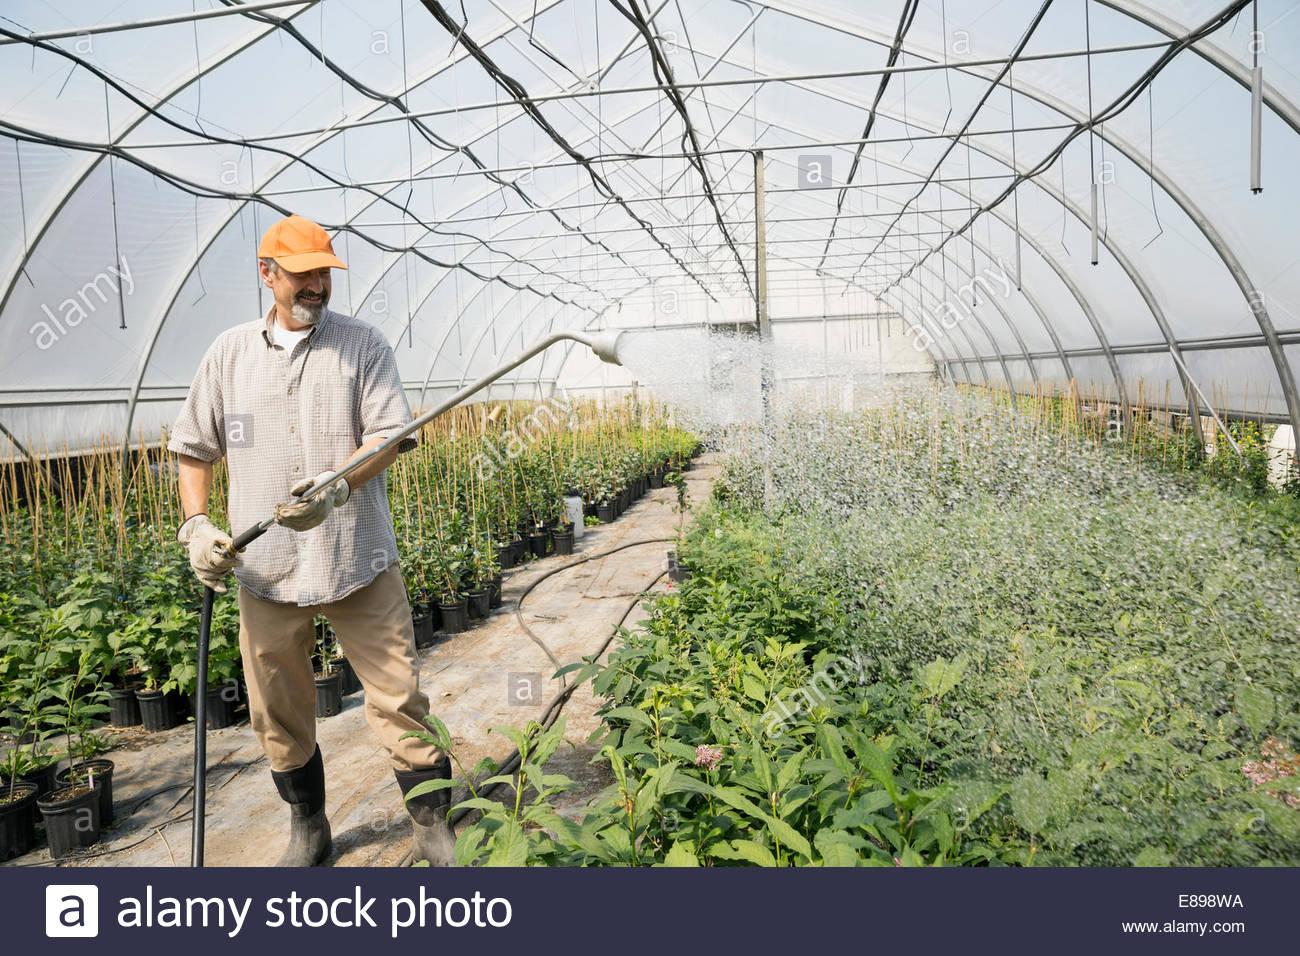 arbeiter, die bewässerung von pflanzen im gewächshaus pflanzen, Terrassen ideen